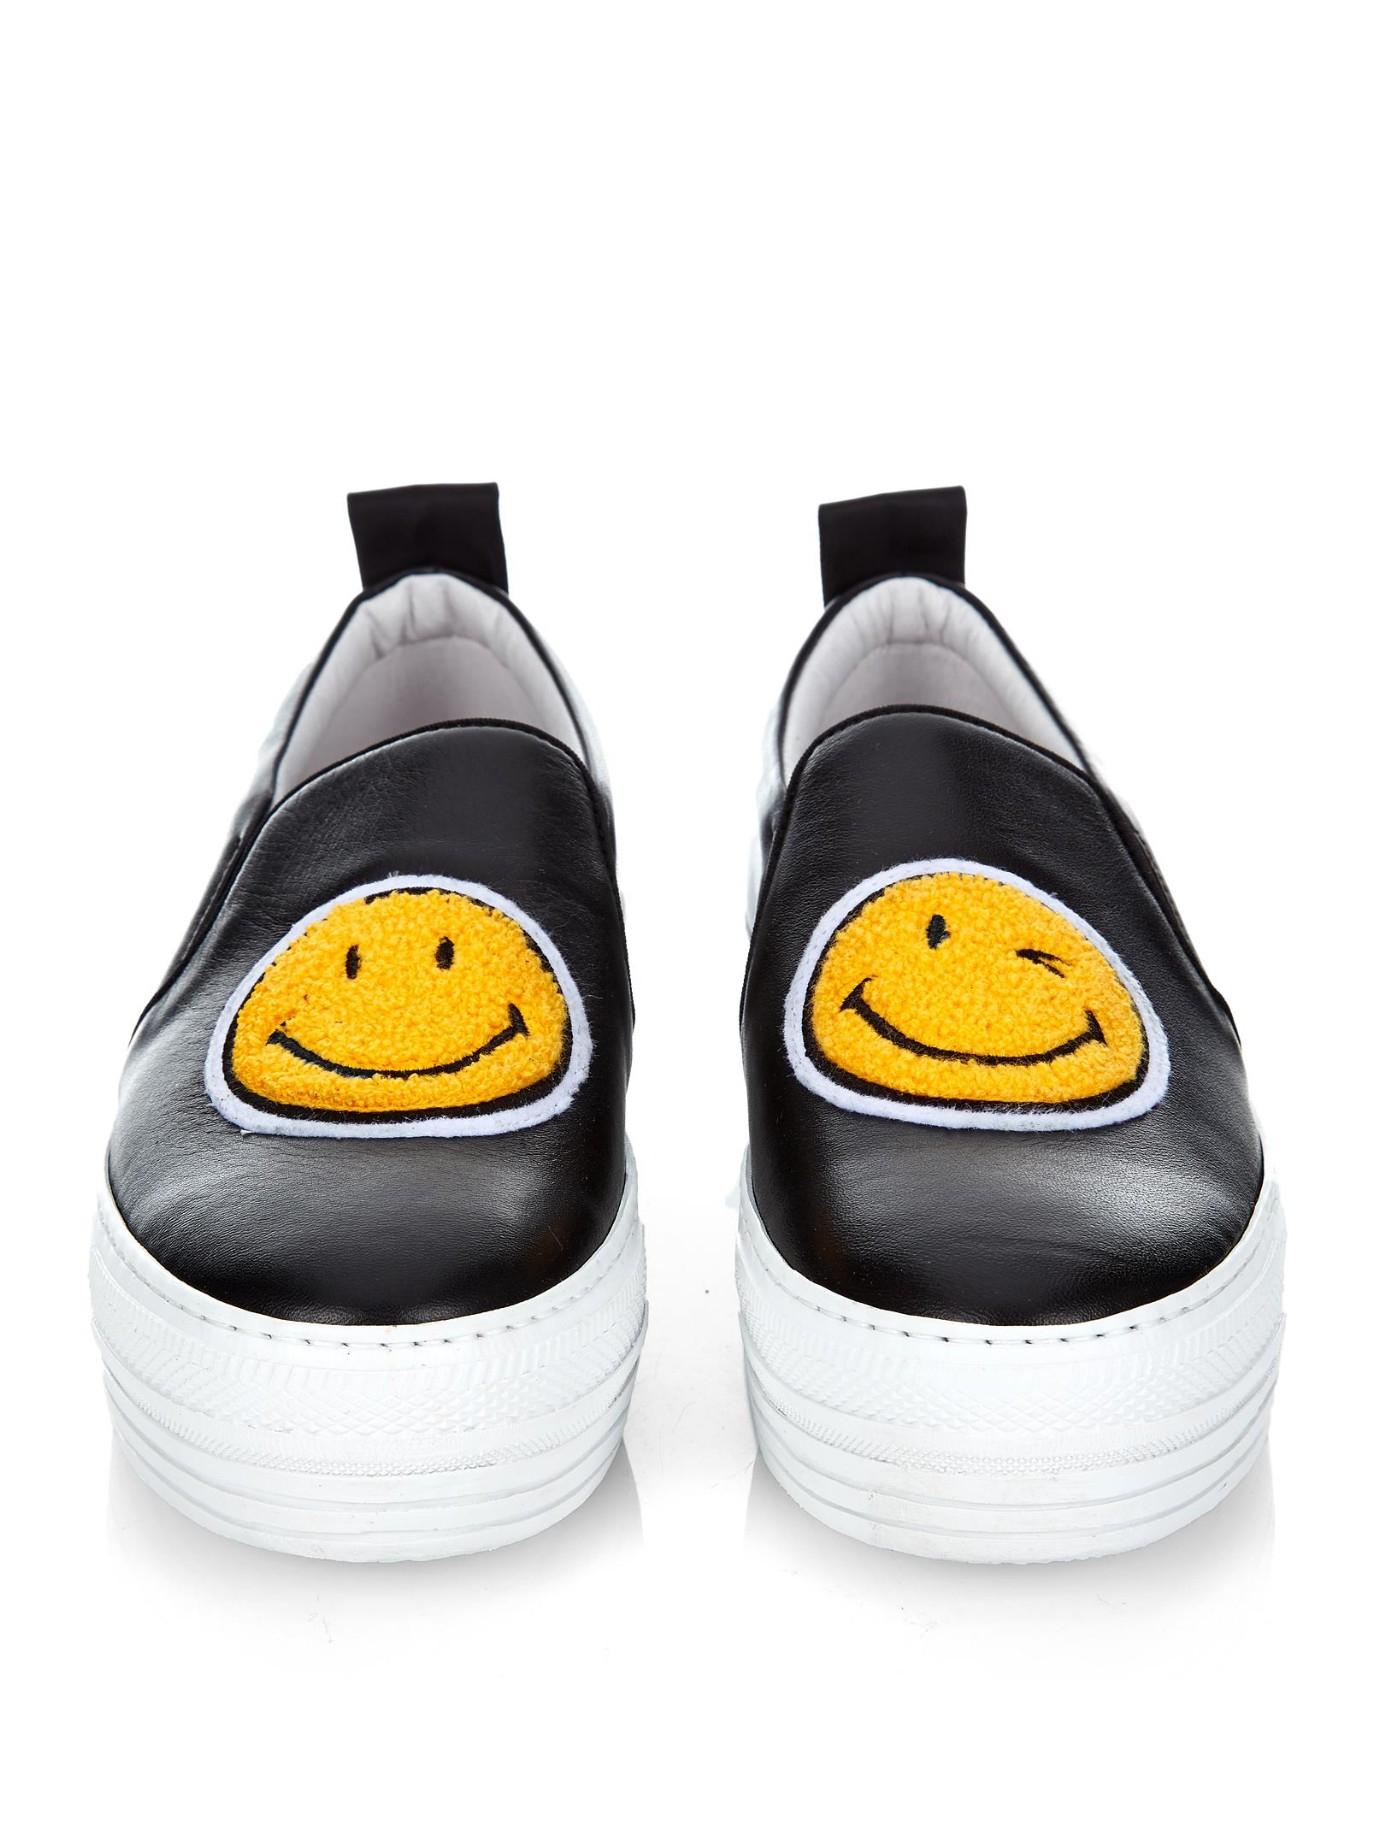 JOSHUA SANDERS Smiley face slip on sneakers 1GBWeM